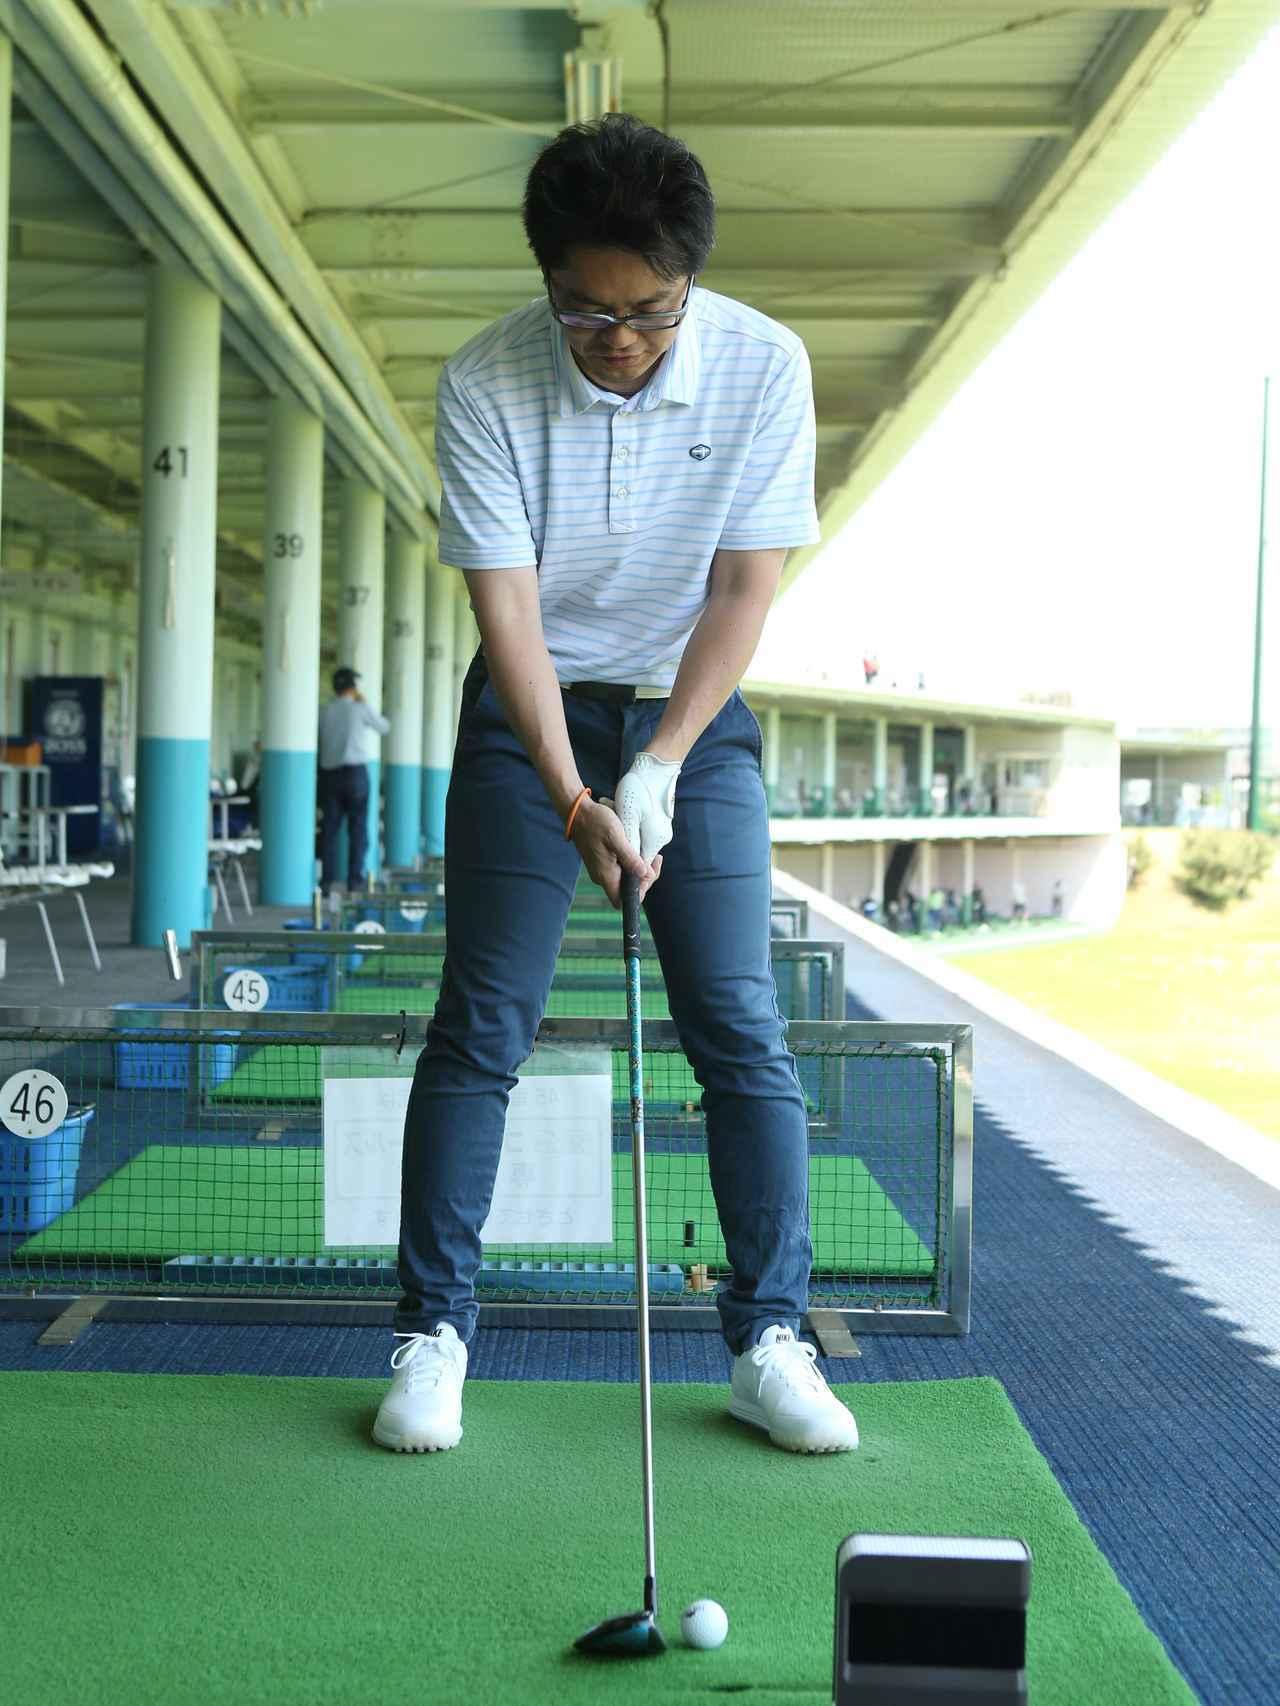 画像: 【試打テスト】小倉勇人 ギアの分析力に長けるゴルフフィールズ ユニオンゴルフ店の店長兼クラフトマン